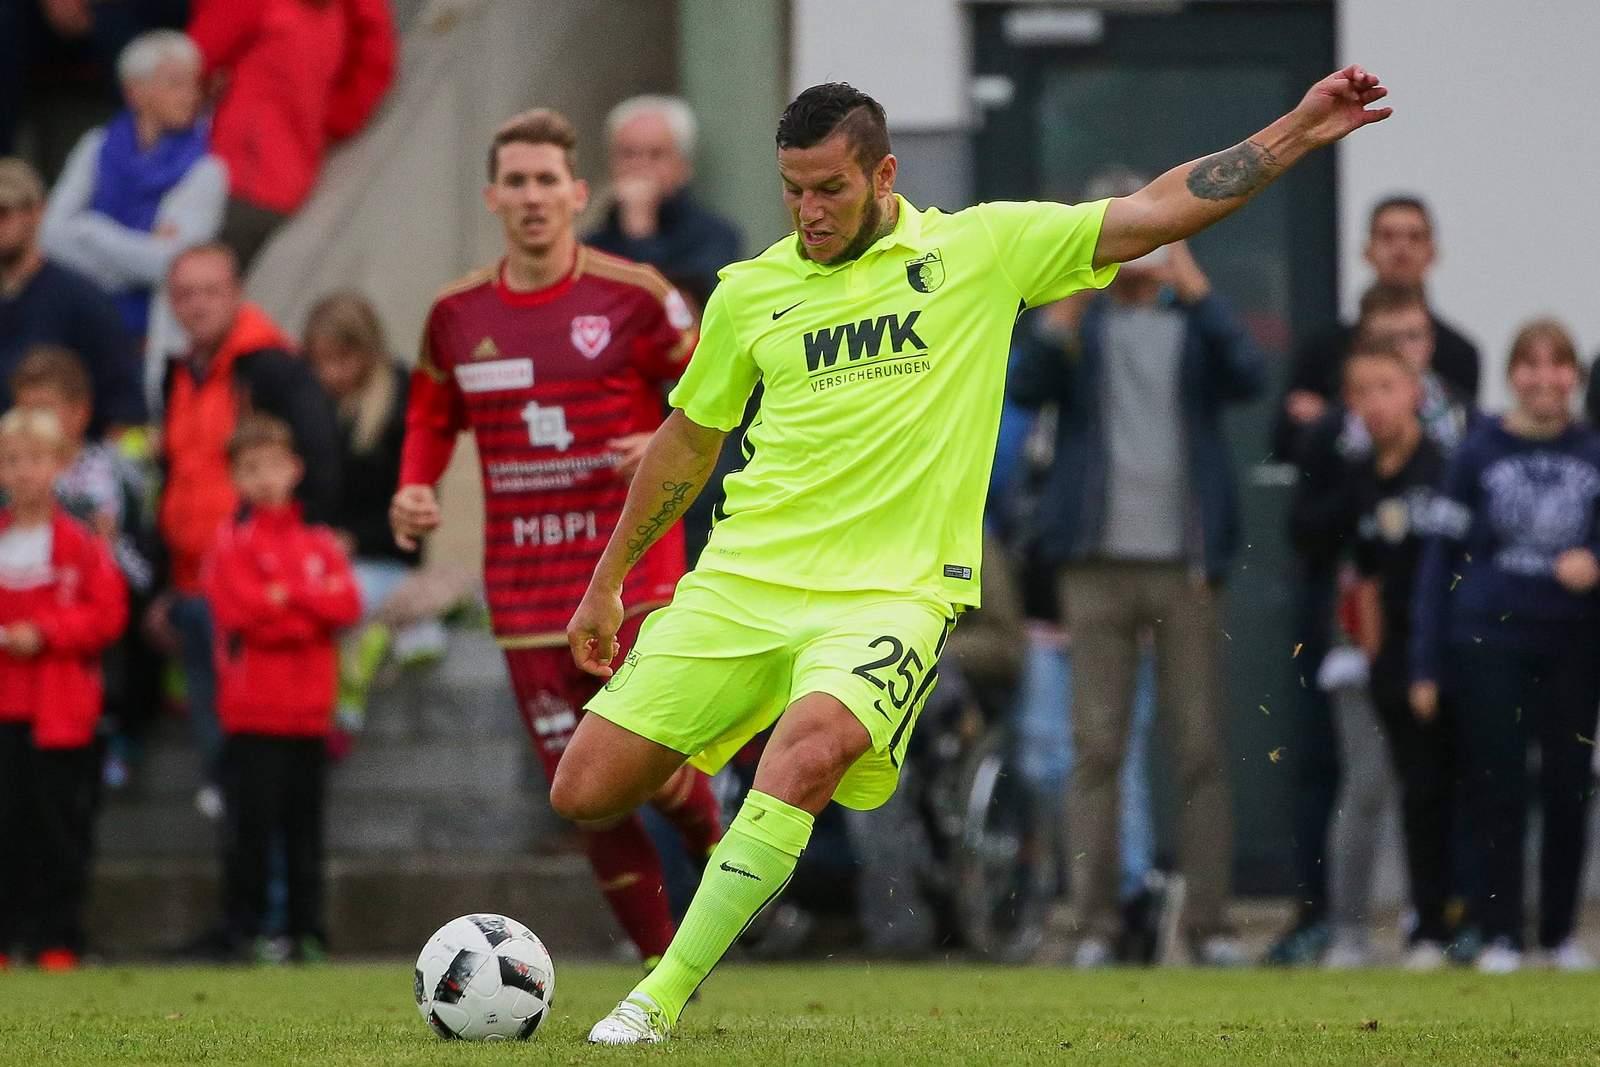 Raul Bobadilla zieht ab. Jetzt auf Köln gegen Augsburg wetten!